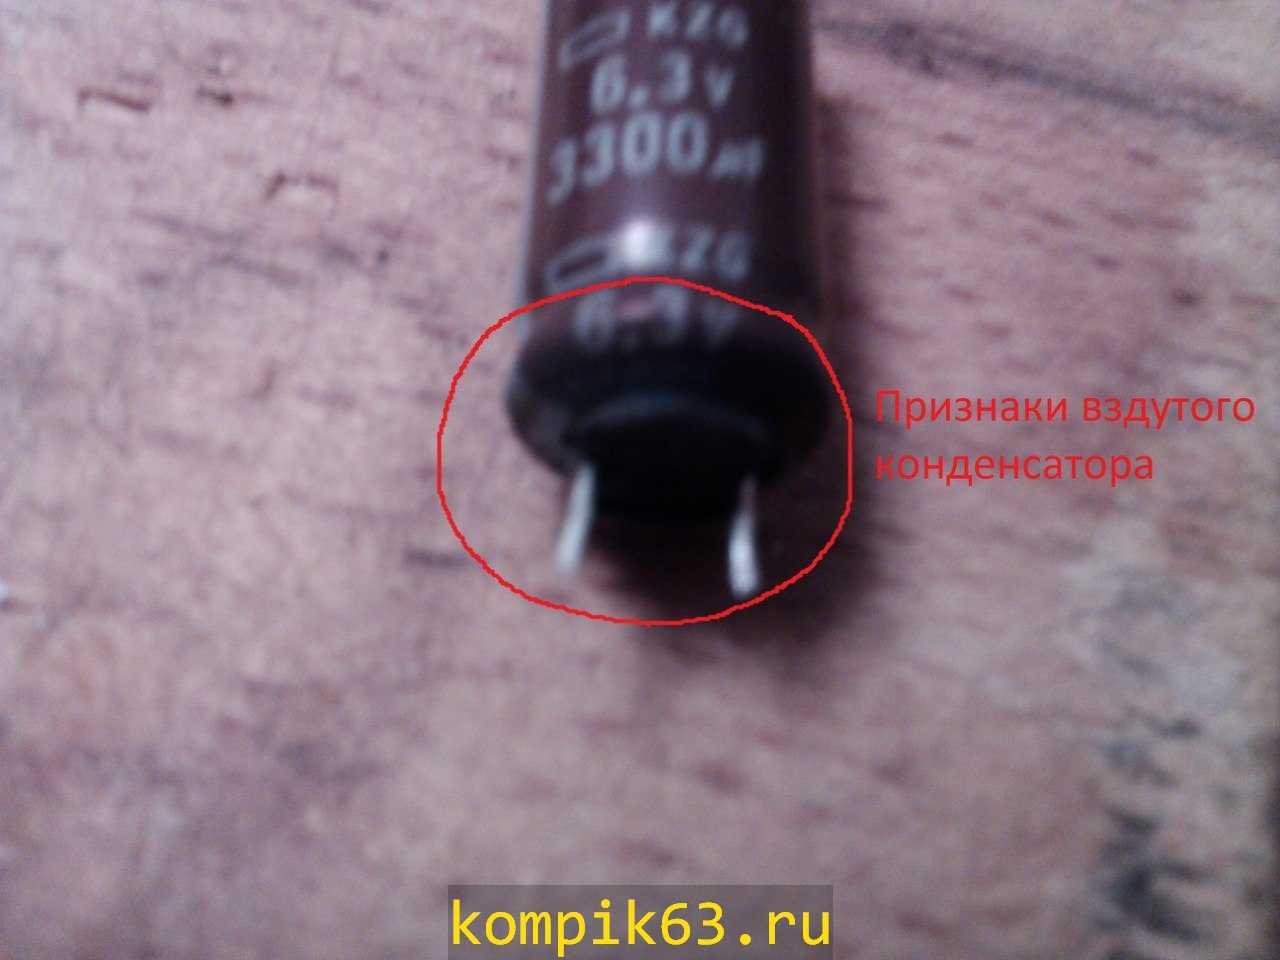 kompik63.ru-193